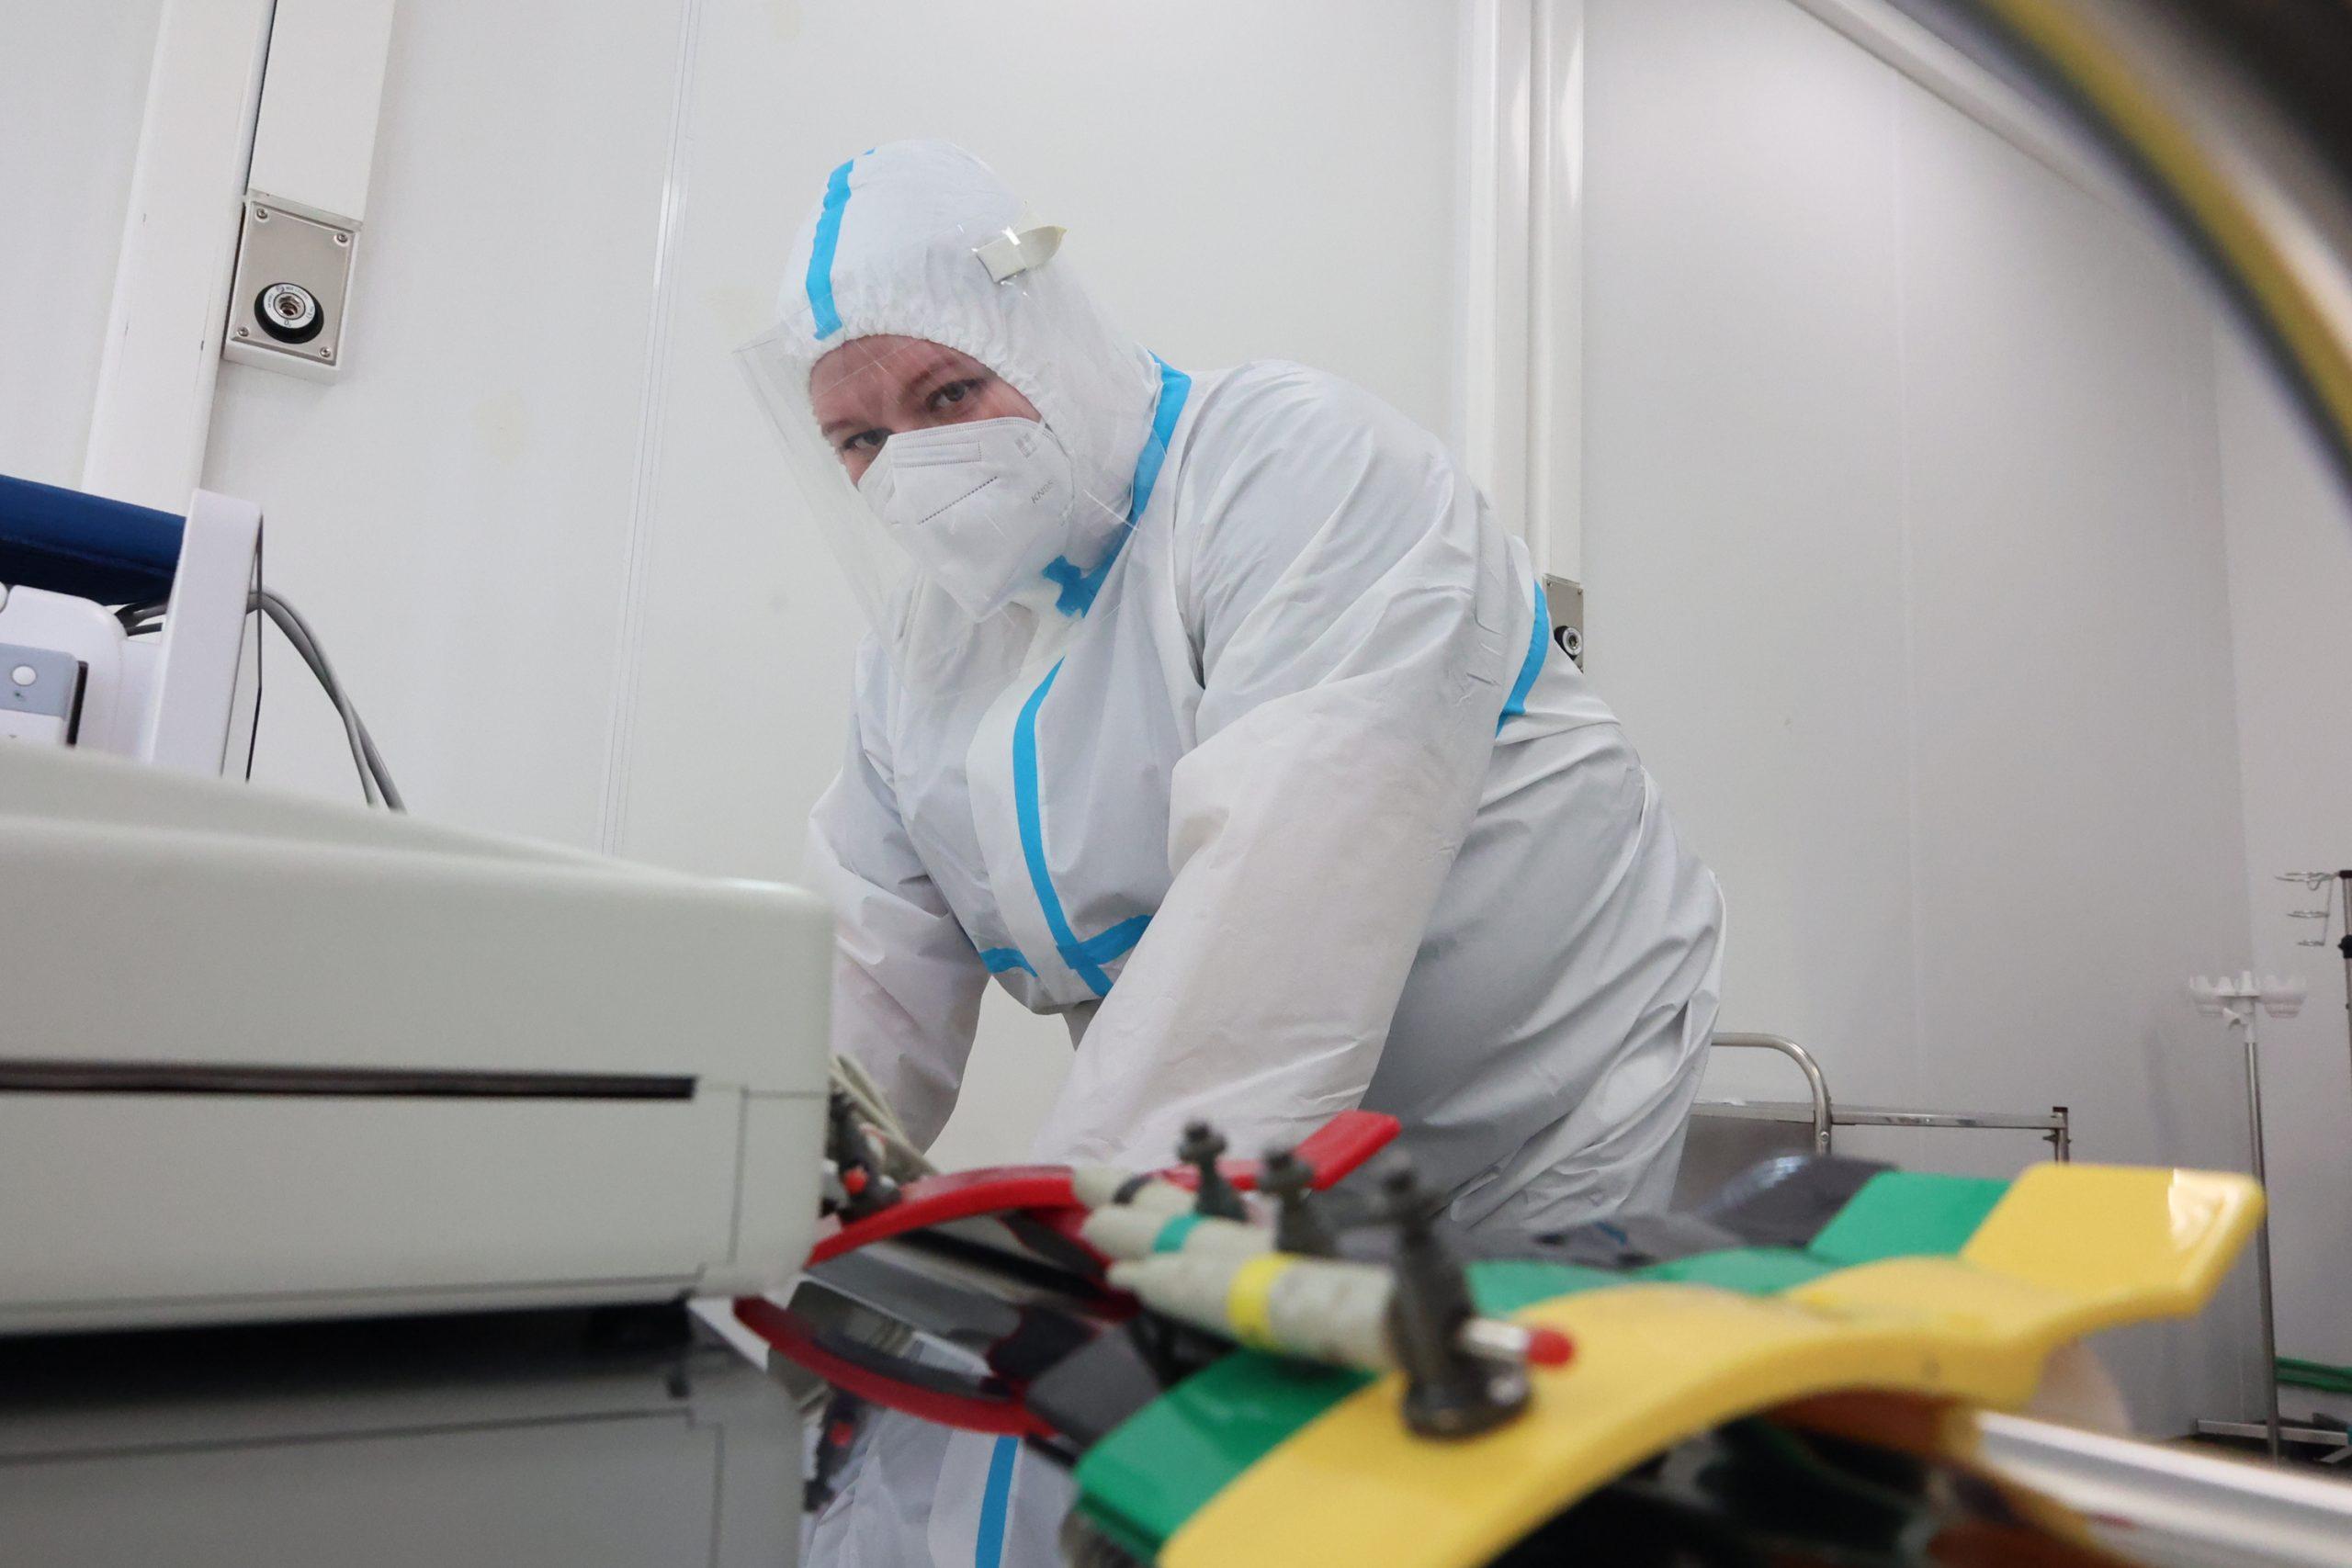 Более 3,3 тысячи случаев заражения коронавирусом подтвердили в Москве за сутки